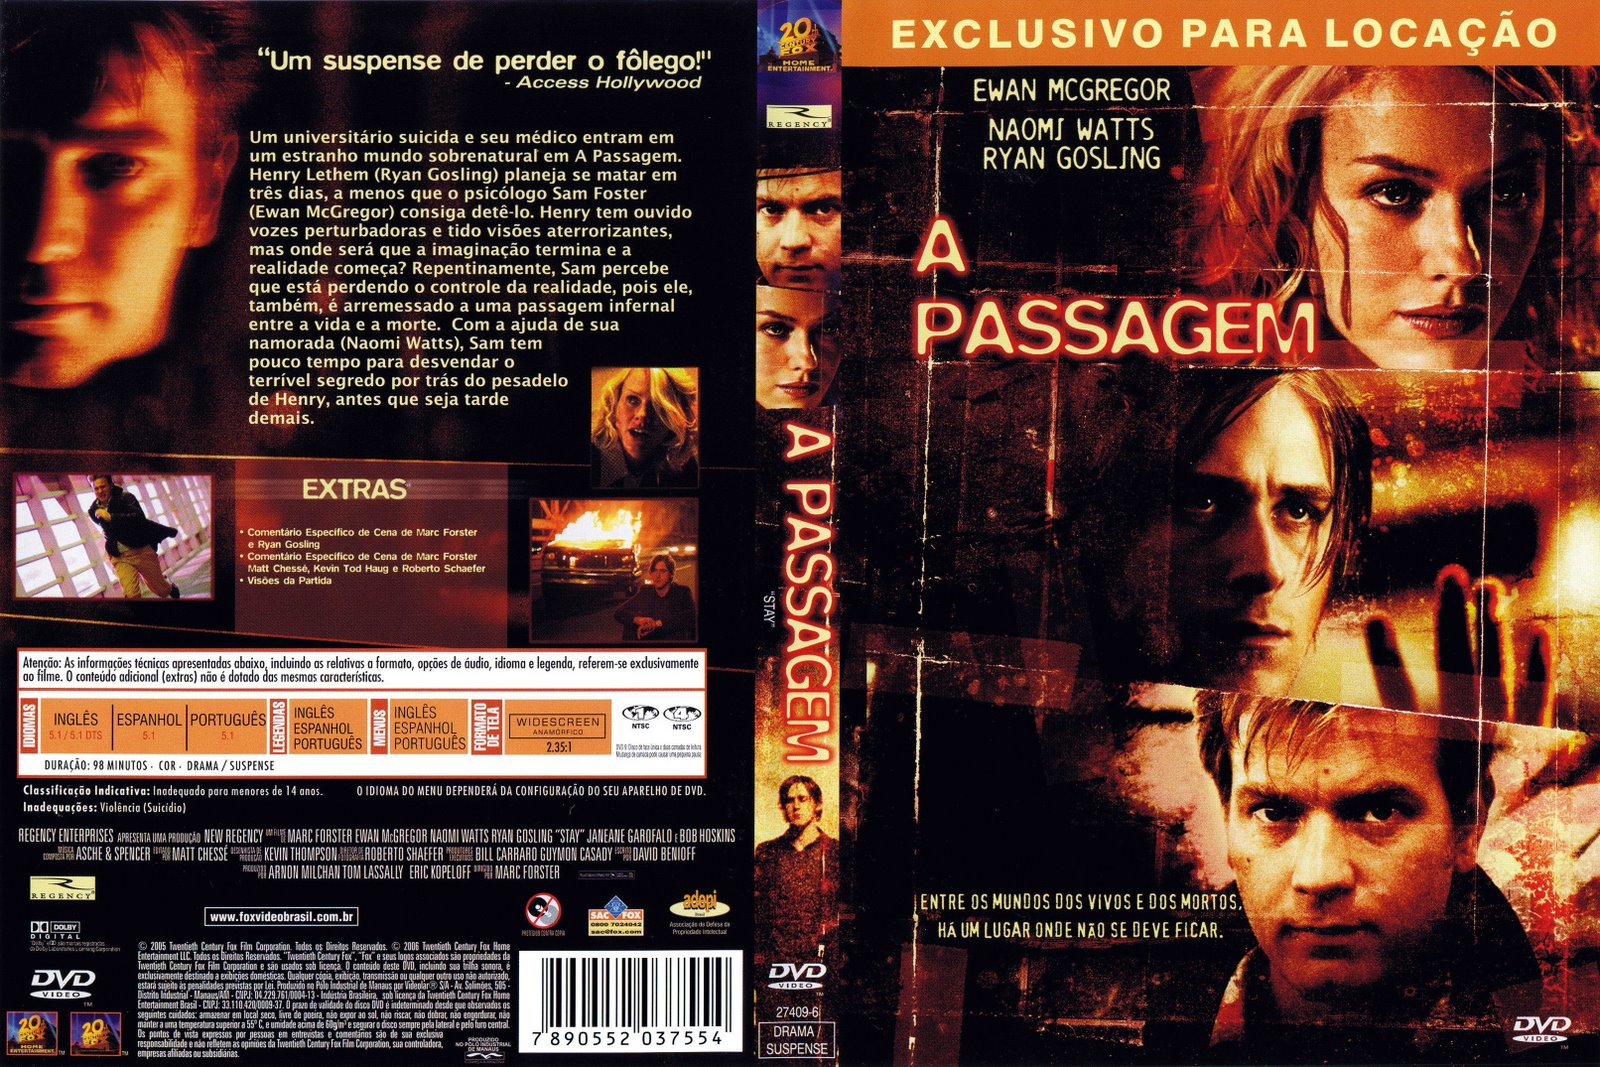 A Passagem DVD Capa